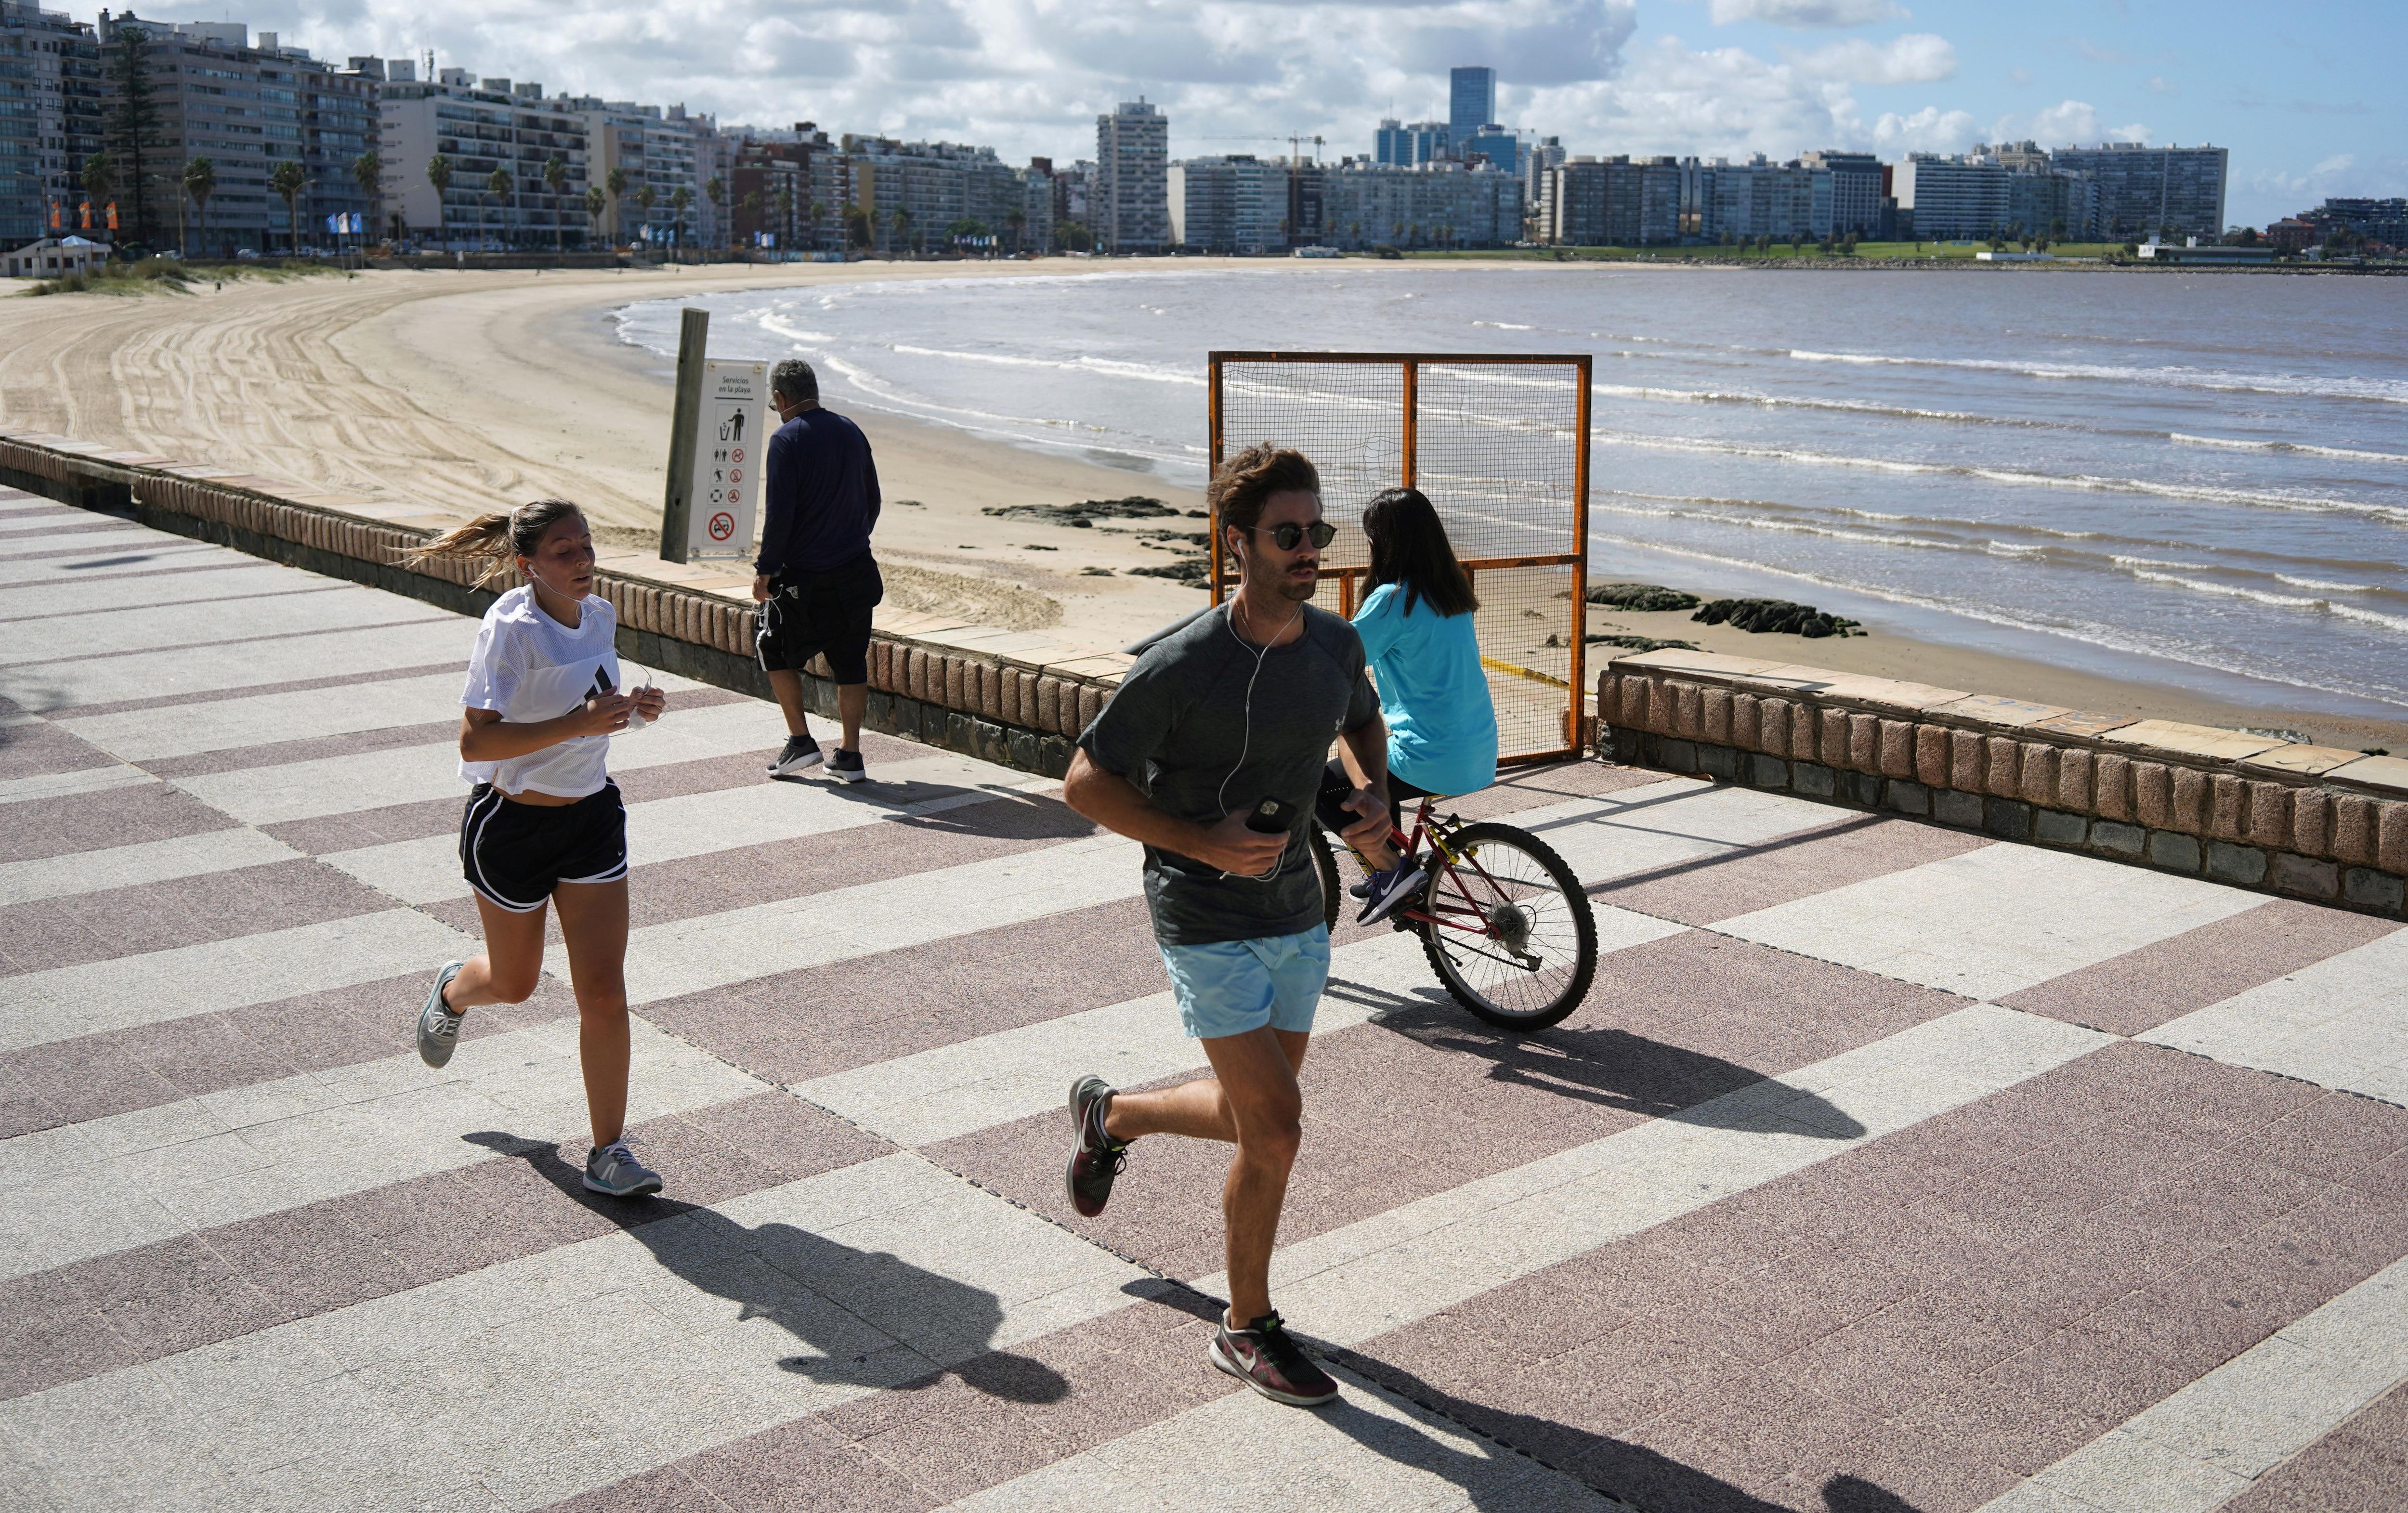 La playa del barrio de Pocitos, Montevideo, Uruguay. (REUTERS/Mariana Greif)